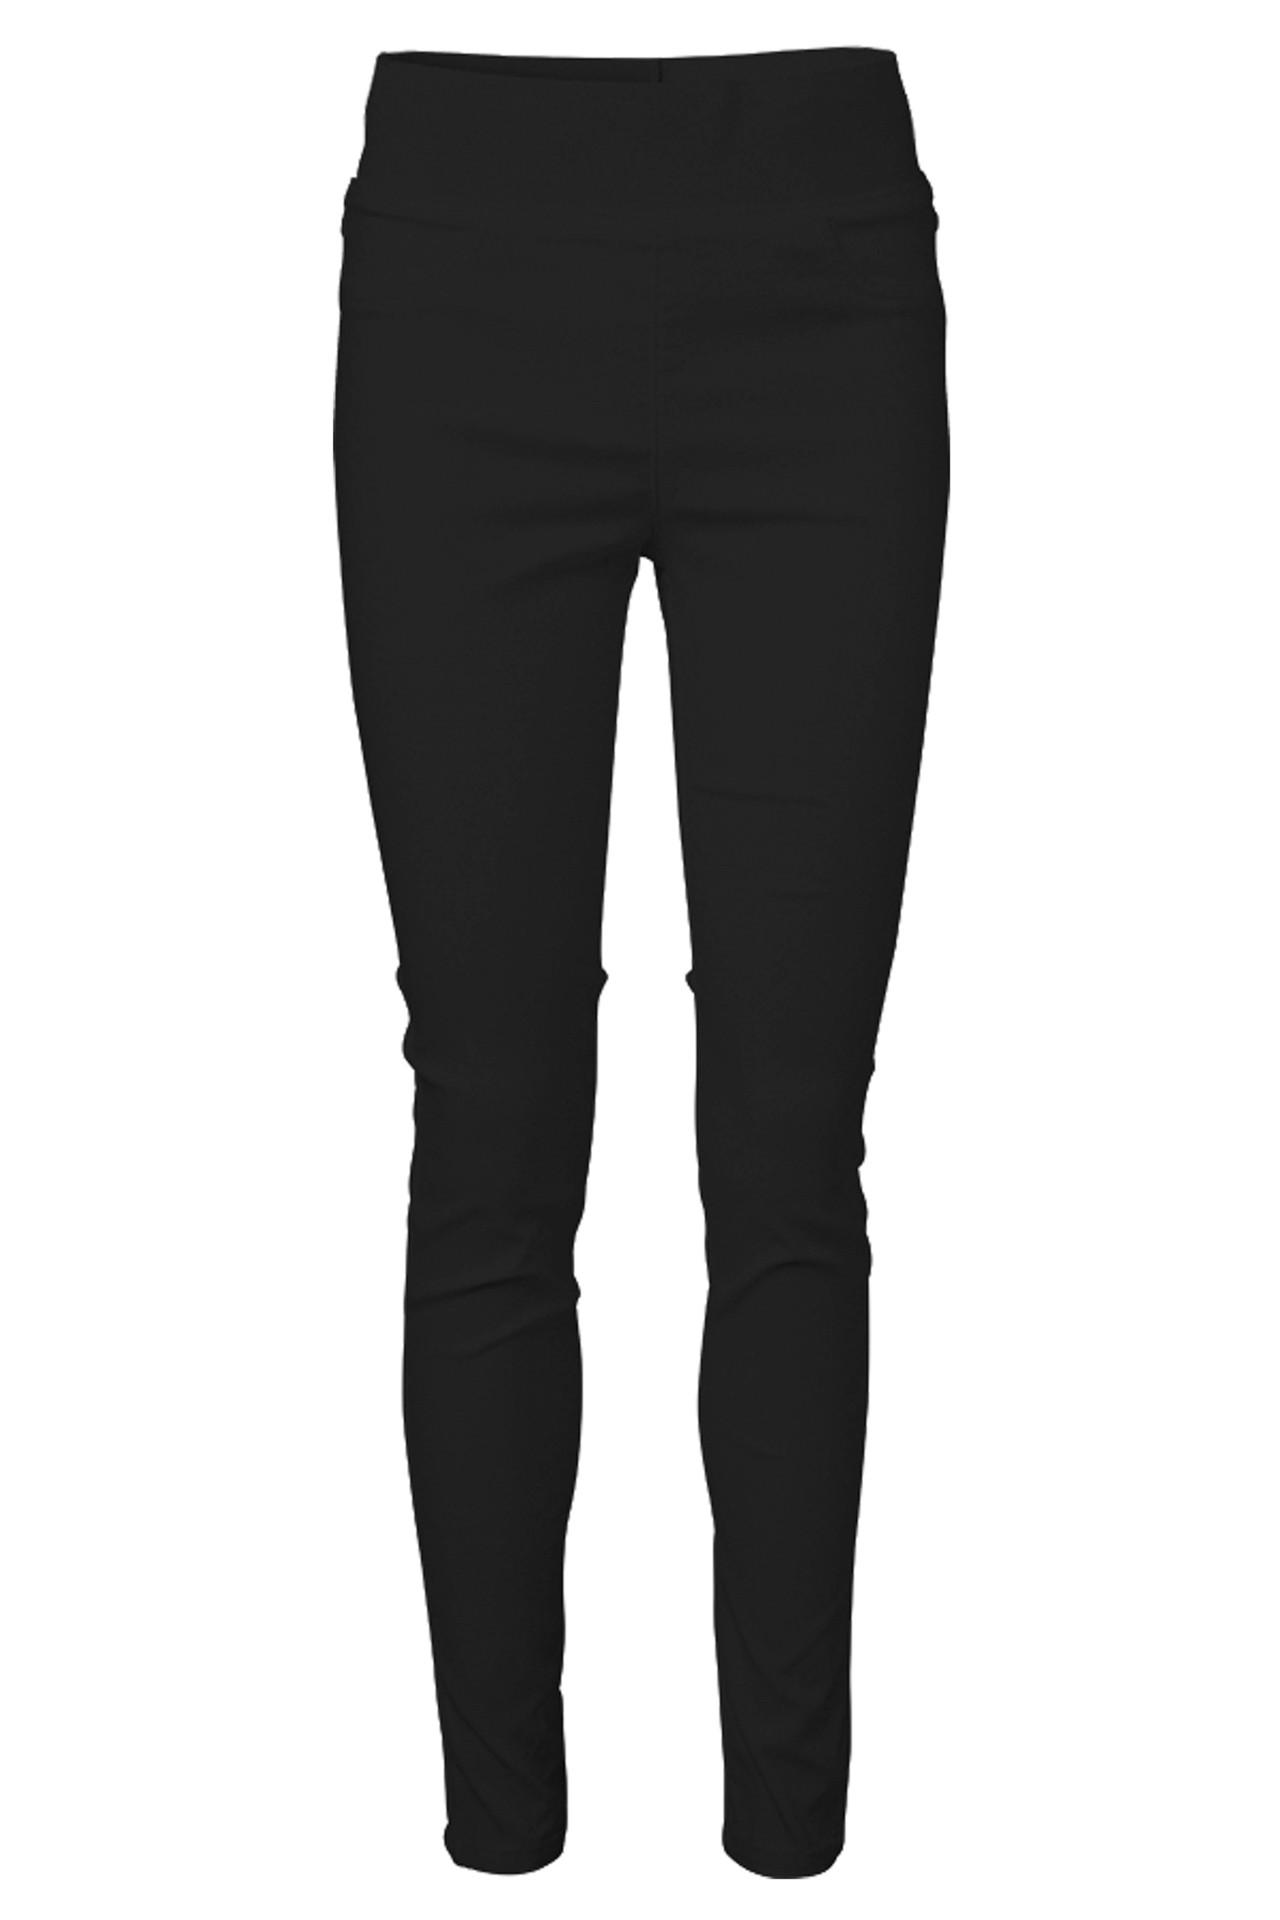 5a4164a9 SHANTAL-PA-POWER SORT bukser fra Freequent - Køb bukser online her